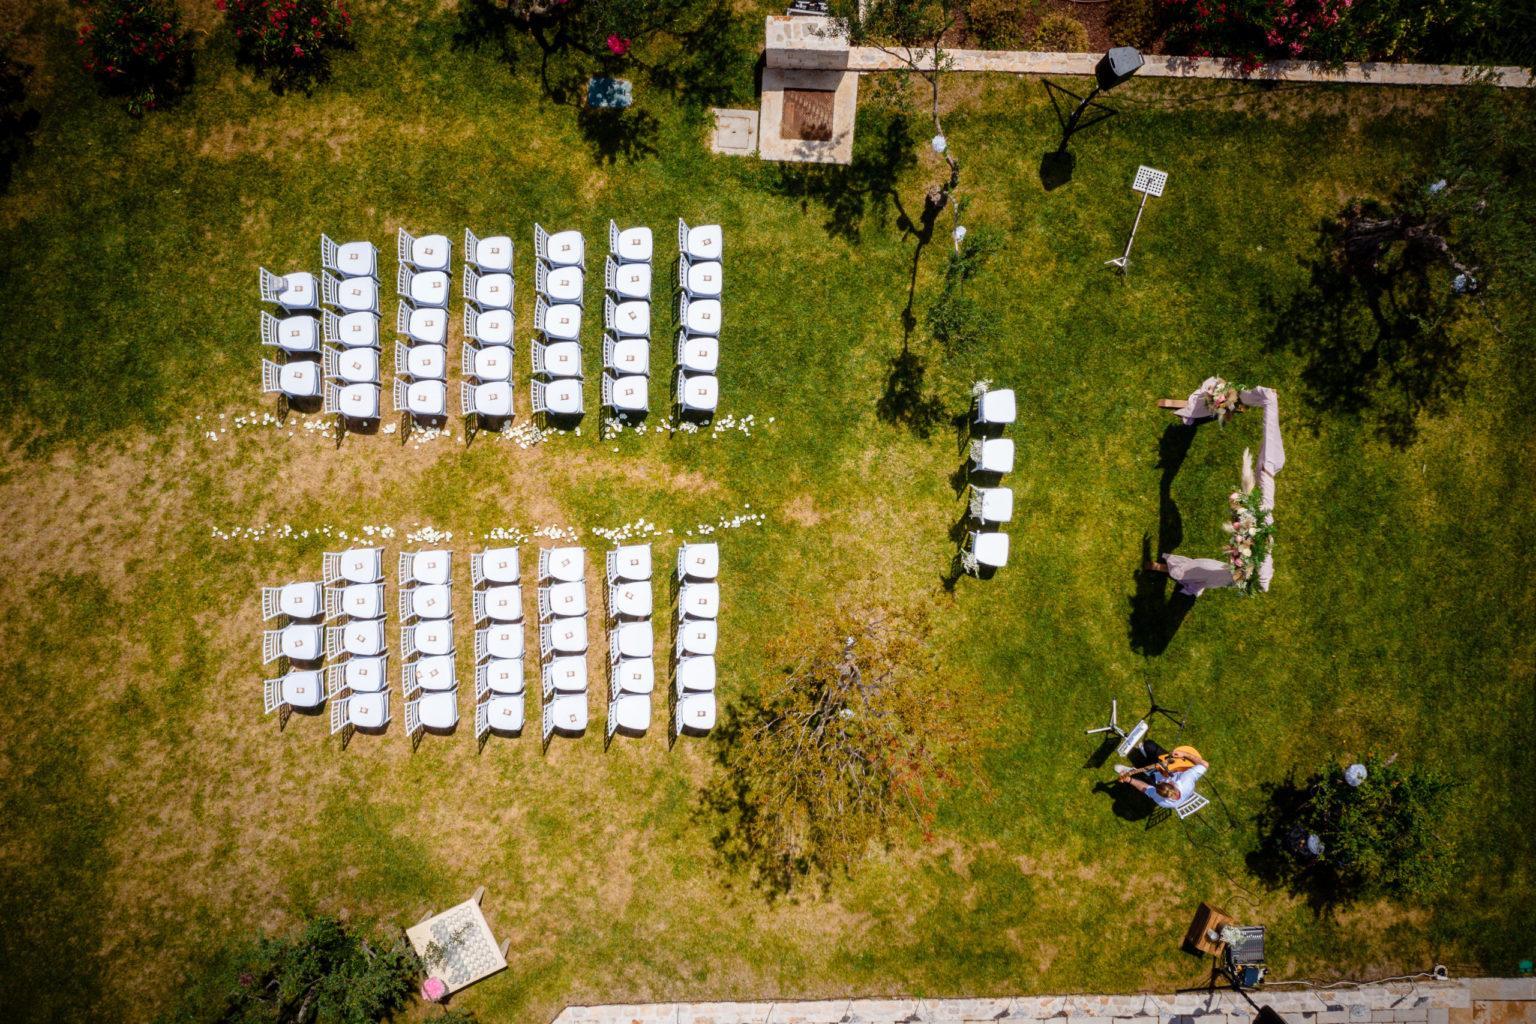 hochzeitslocation Kroatien location hochzeit heiraten 12 1 scaled - Hotel der Jahreszeiten